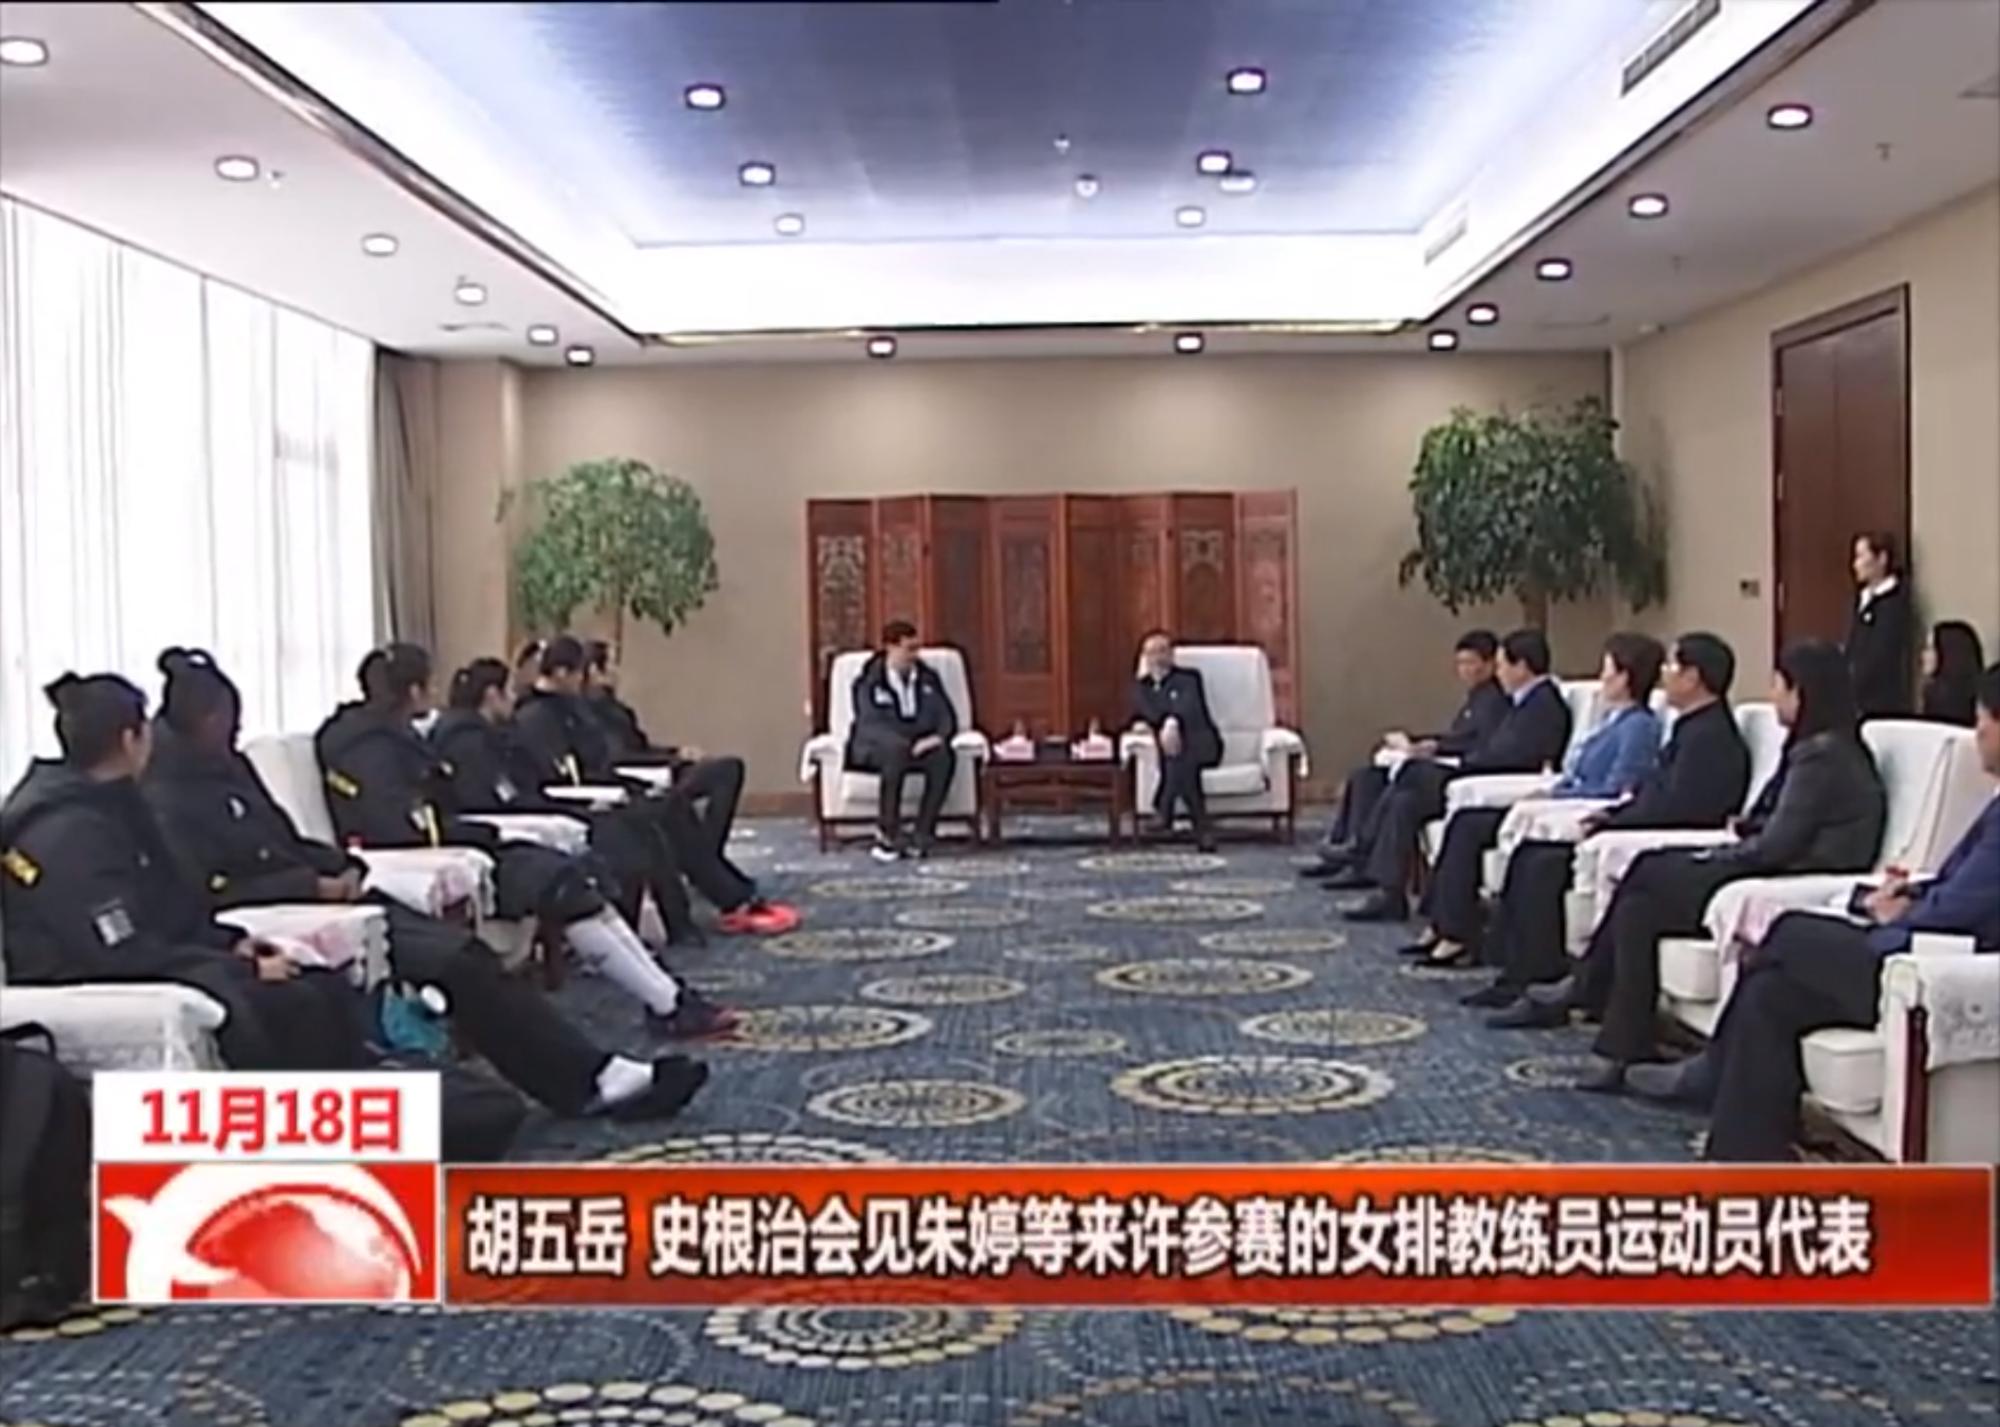 朱婷回乡比赛市委书记接见!代表天津女排上台发言